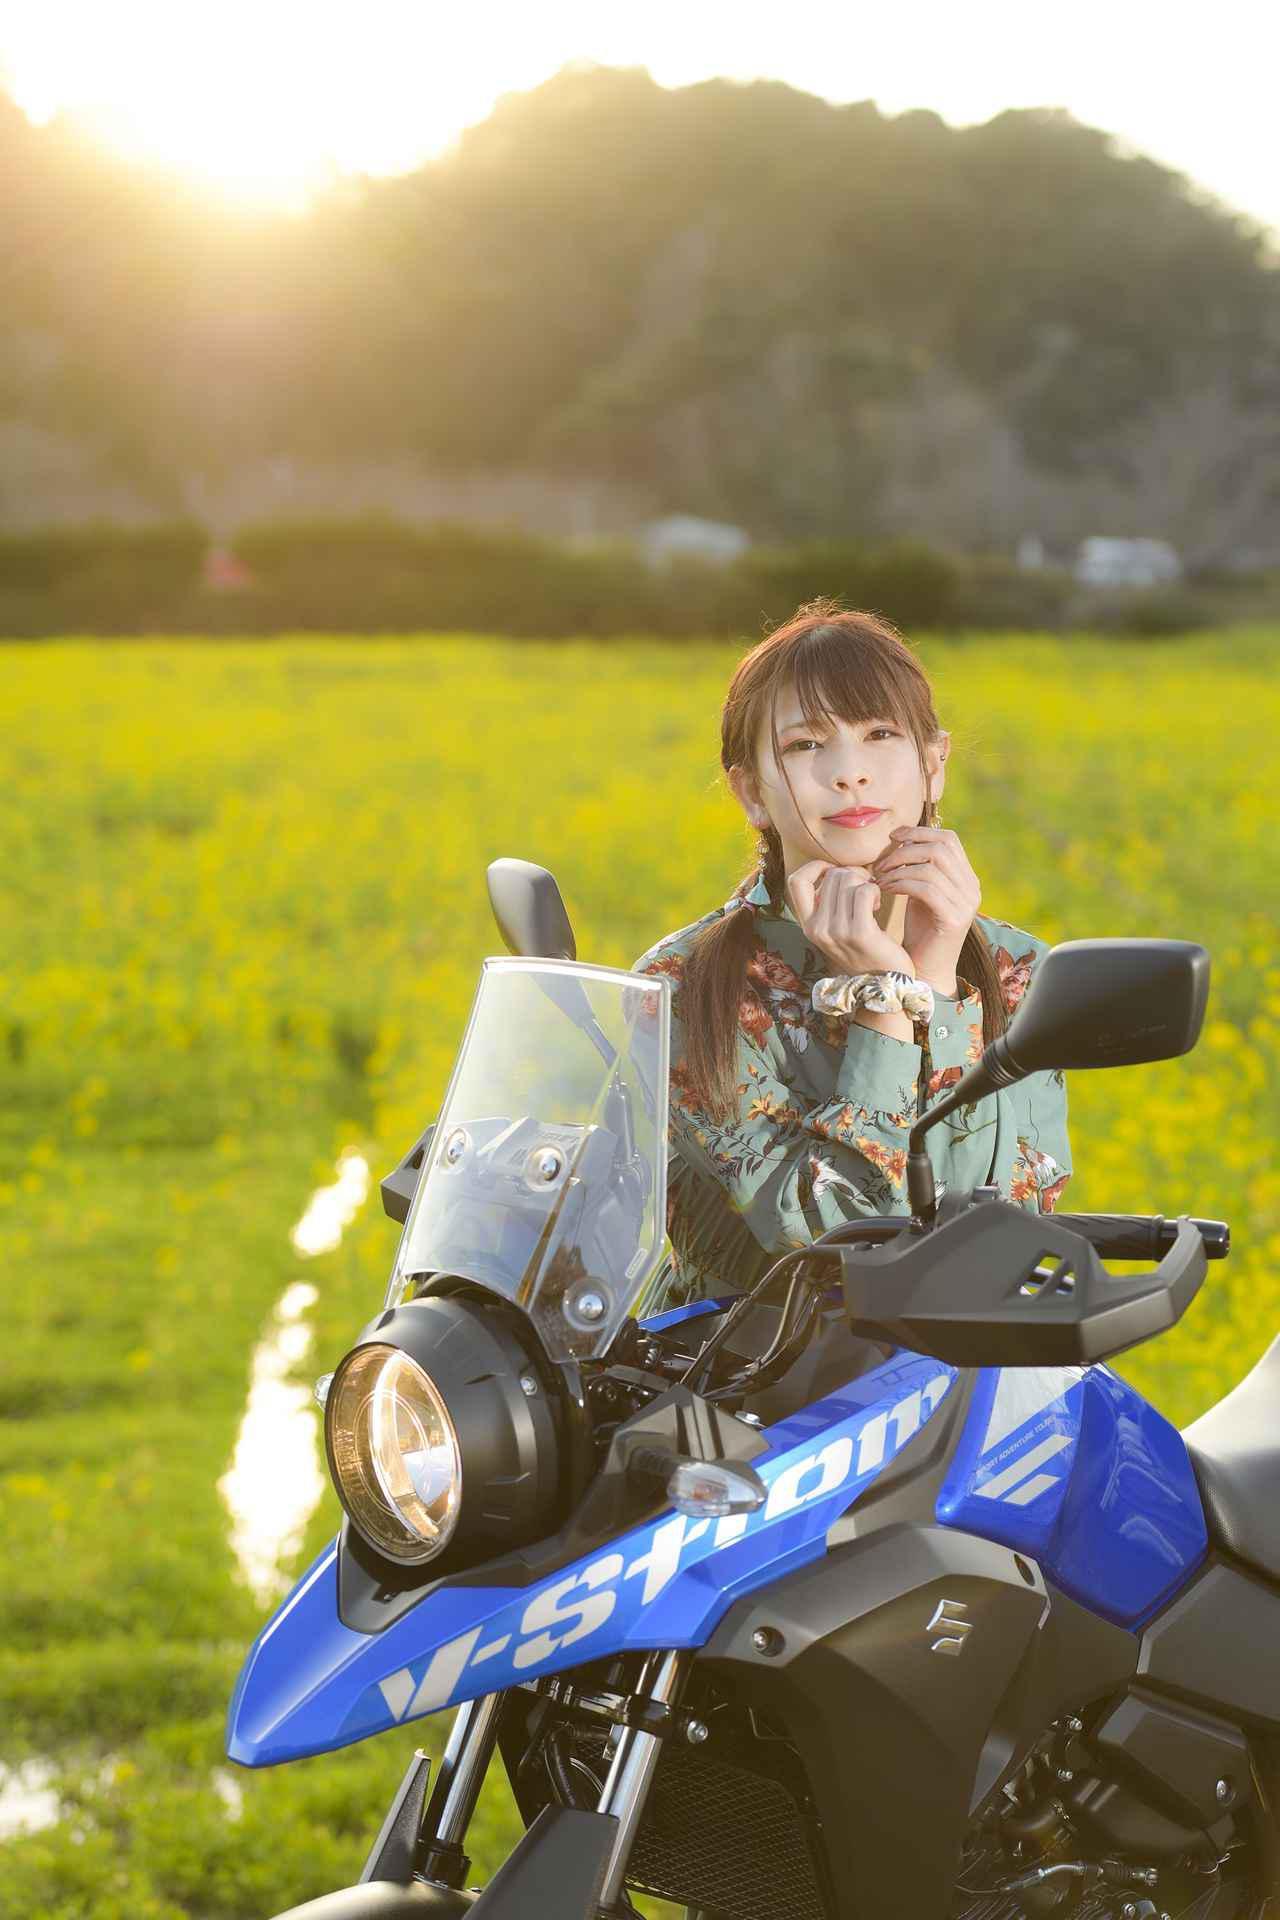 画像1: 第二弾! 葉月美優とVストローム250【PHOTO GRAVURE】